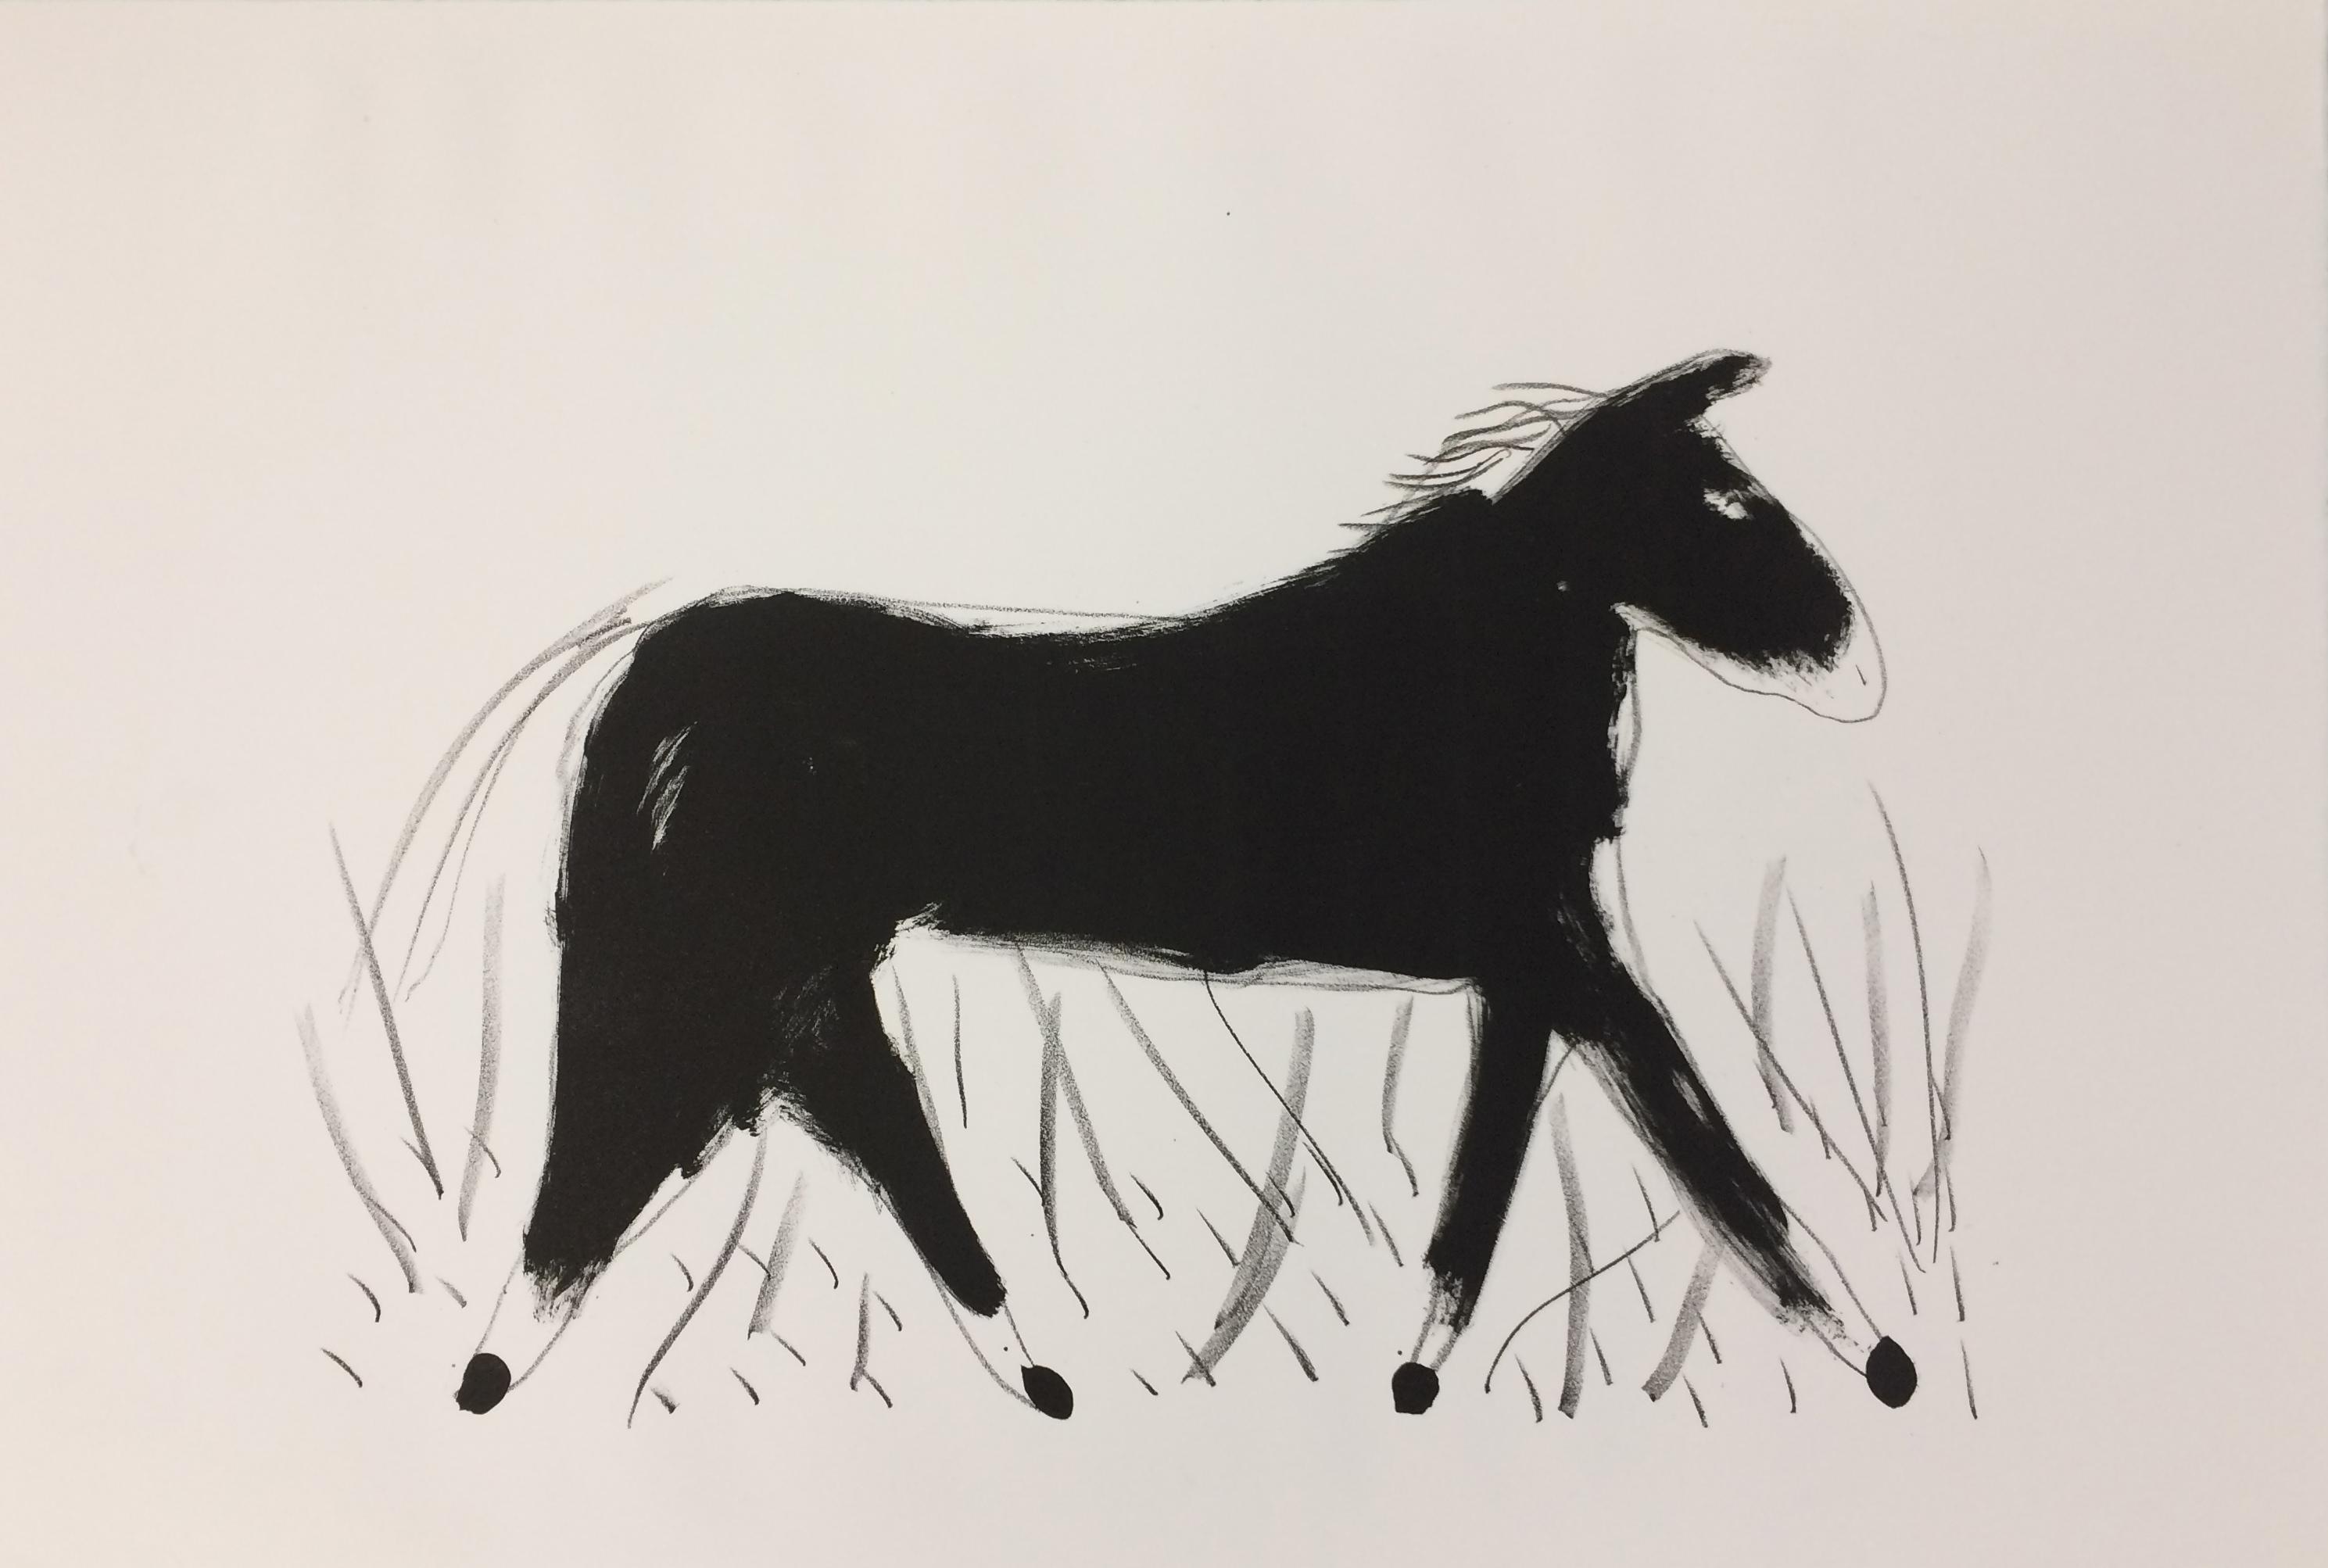 Le cheval, 38 x 56 cm